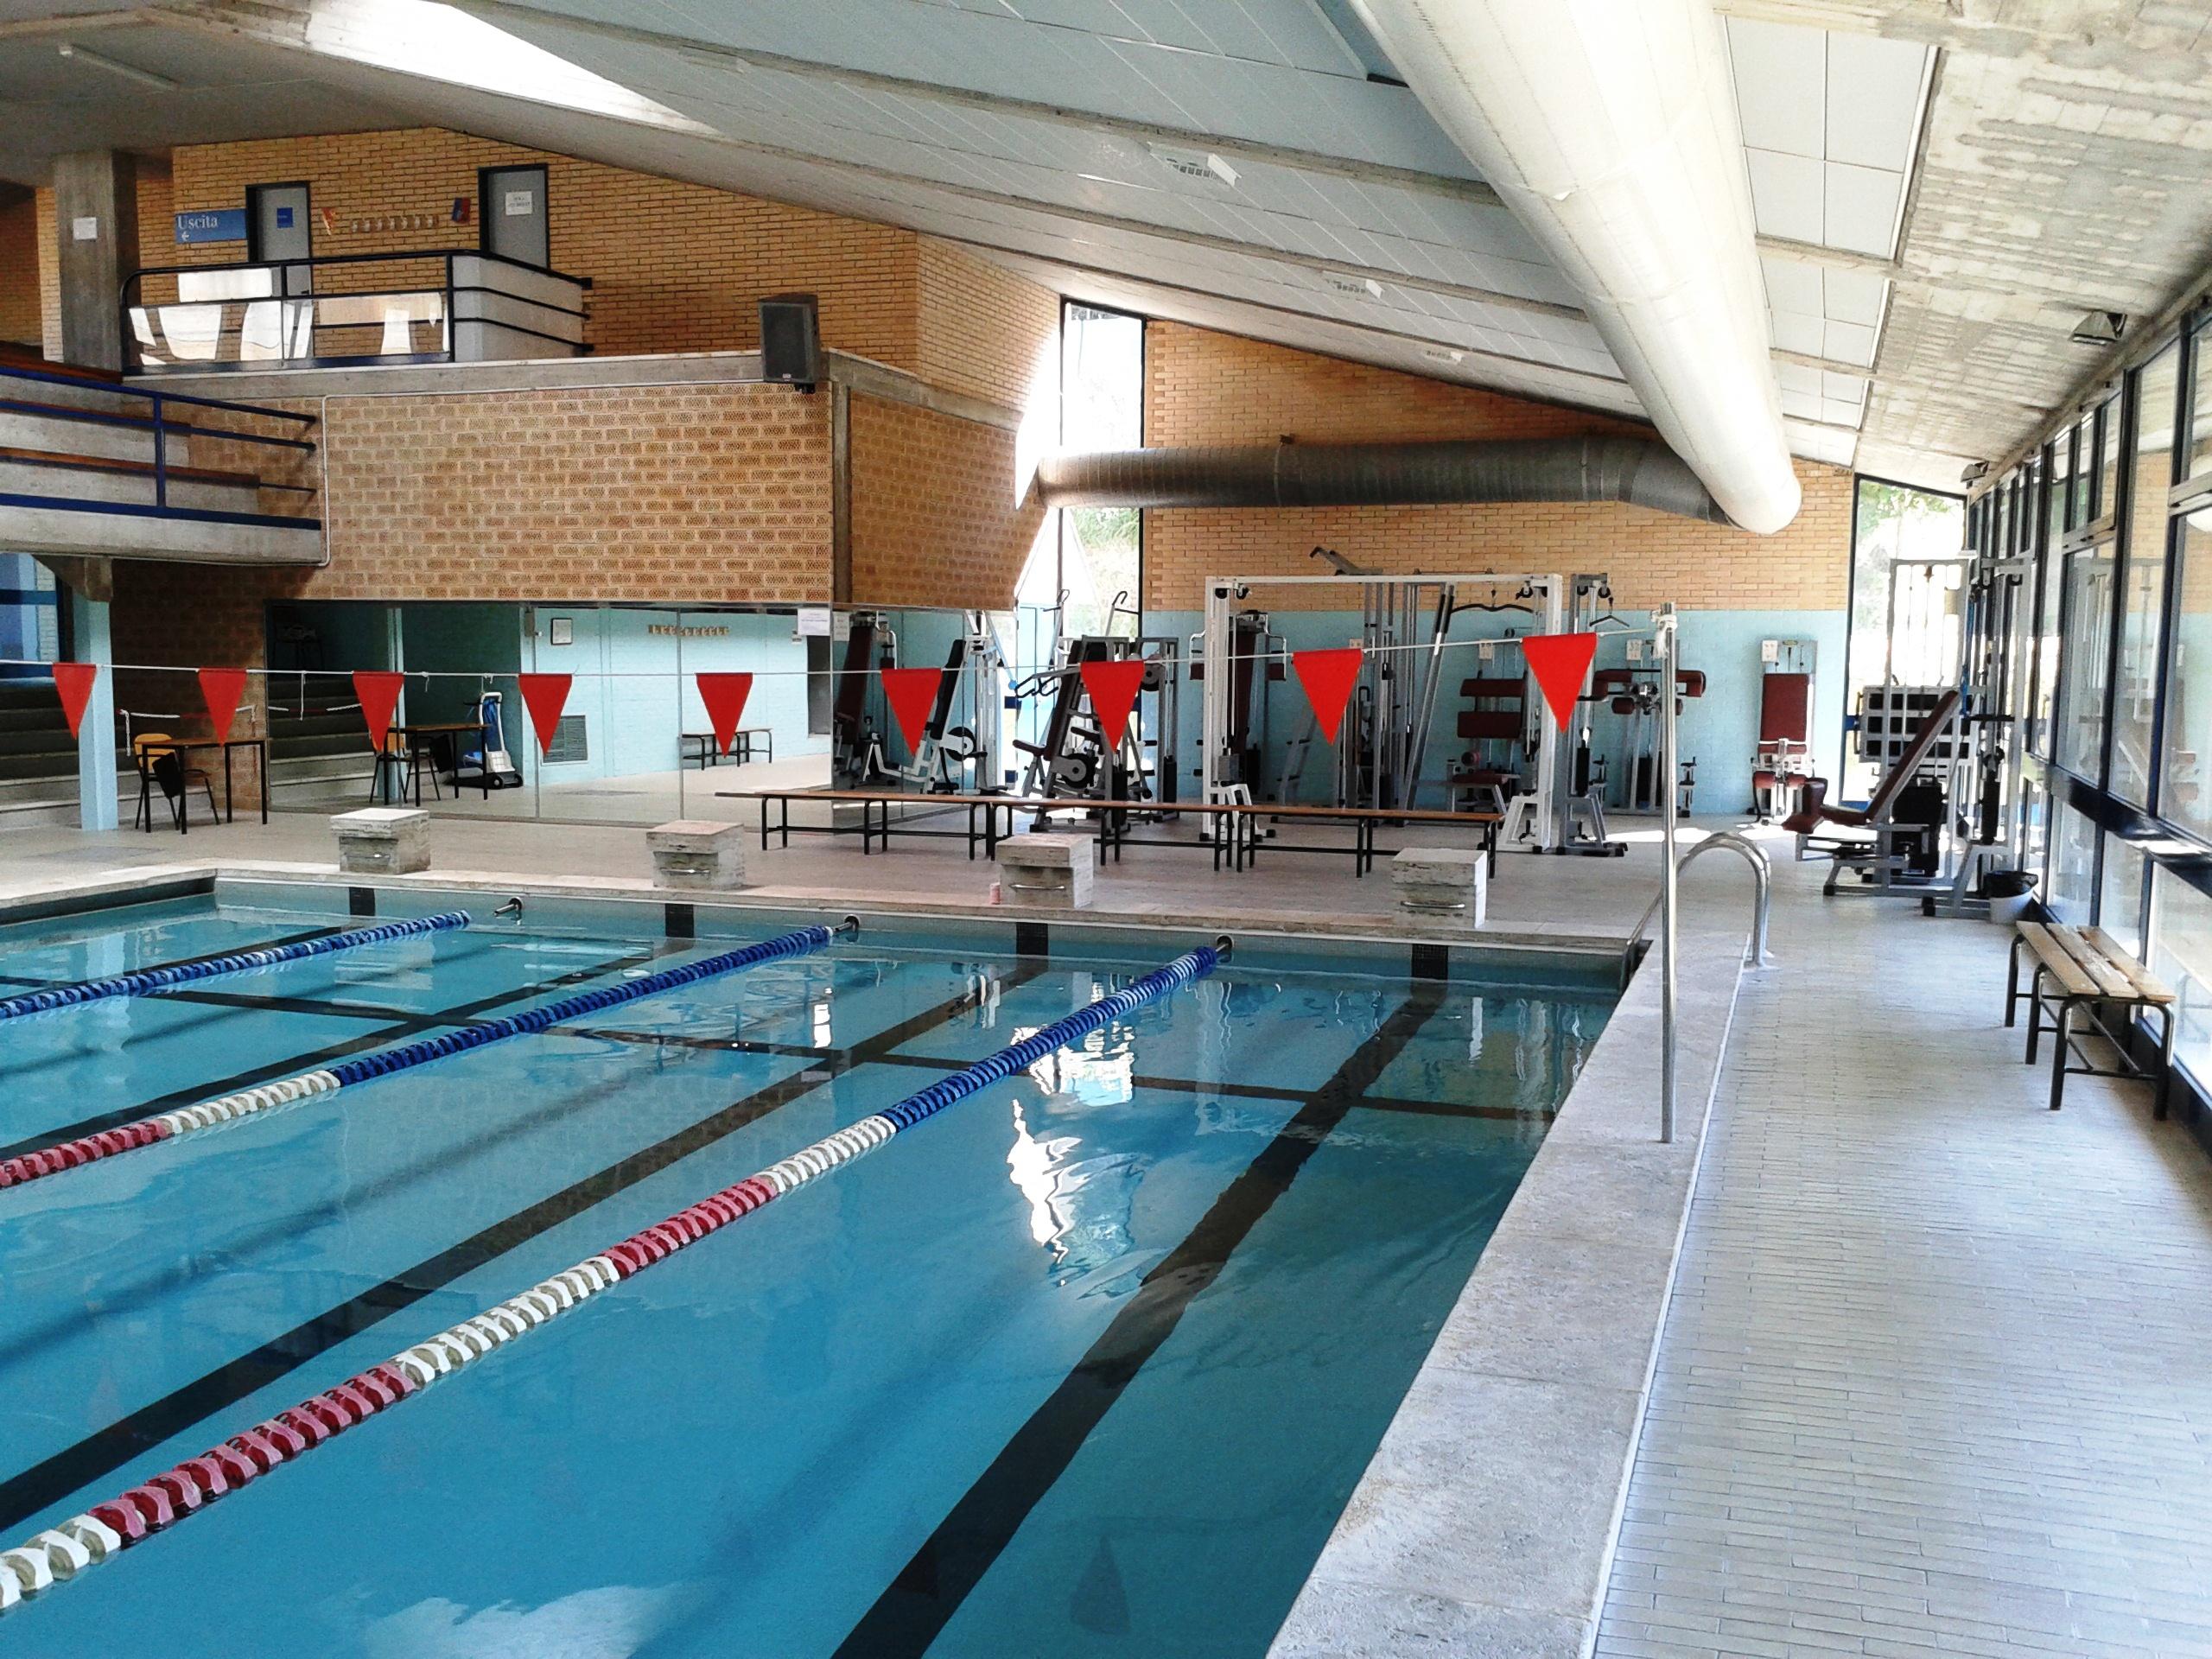 Universit degli studi di urbino carlo bo servizi e facilities impianto natatorio mondolce - Palestre con piscina torino ...